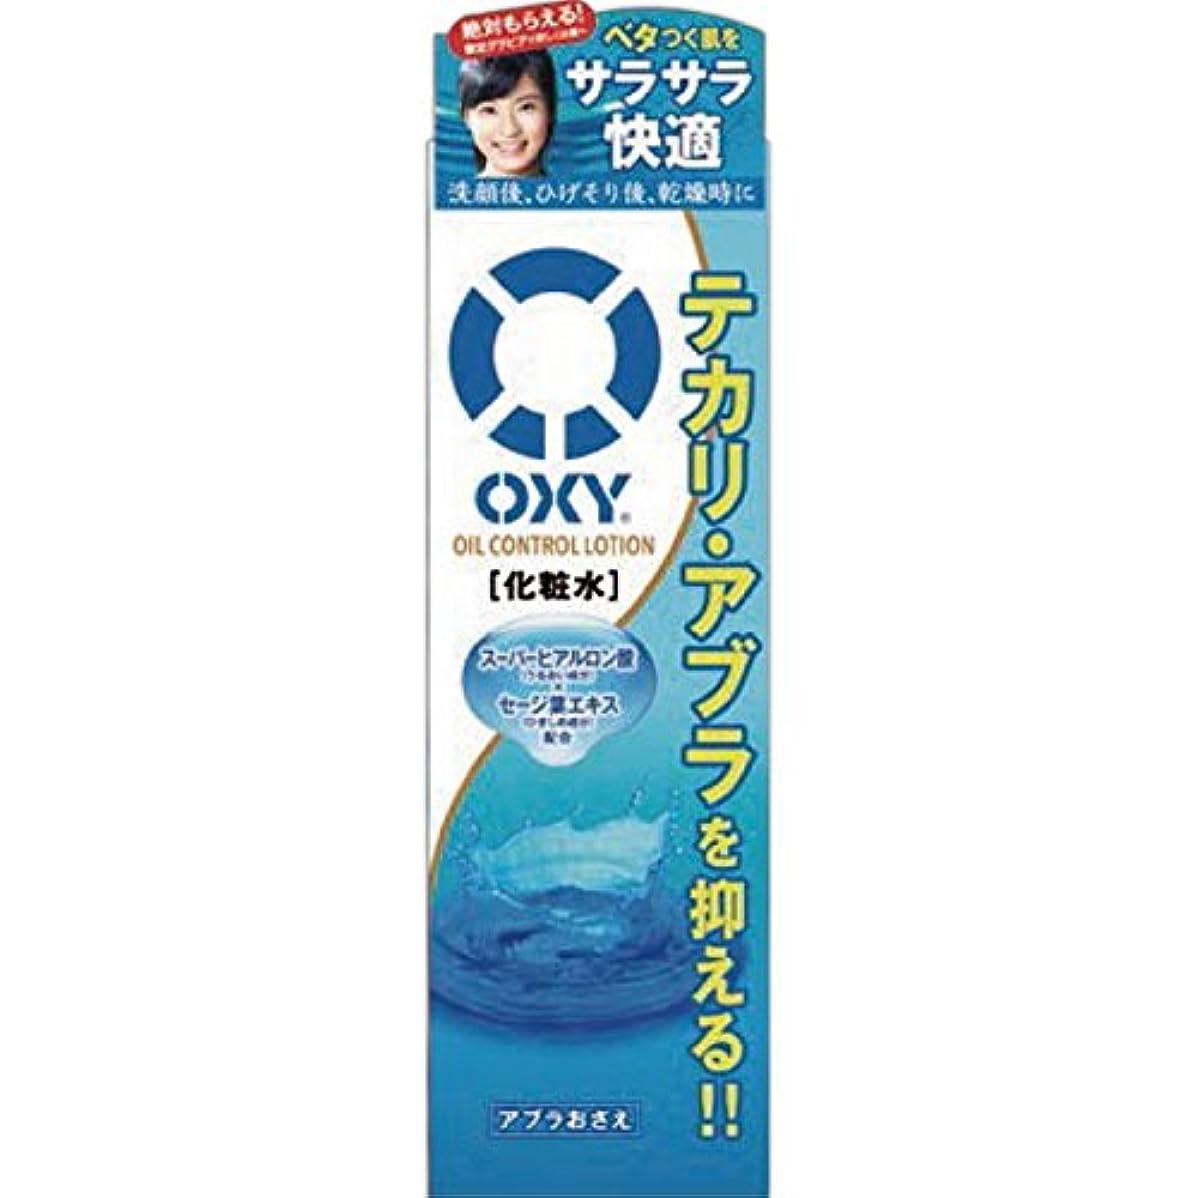 マウントバンク森林あなたのものオキシー (Oxy) オイルコントロールローション スーパーヒアルロン酸×セージ葉エキス配合 ゼラニウムの香 170mL